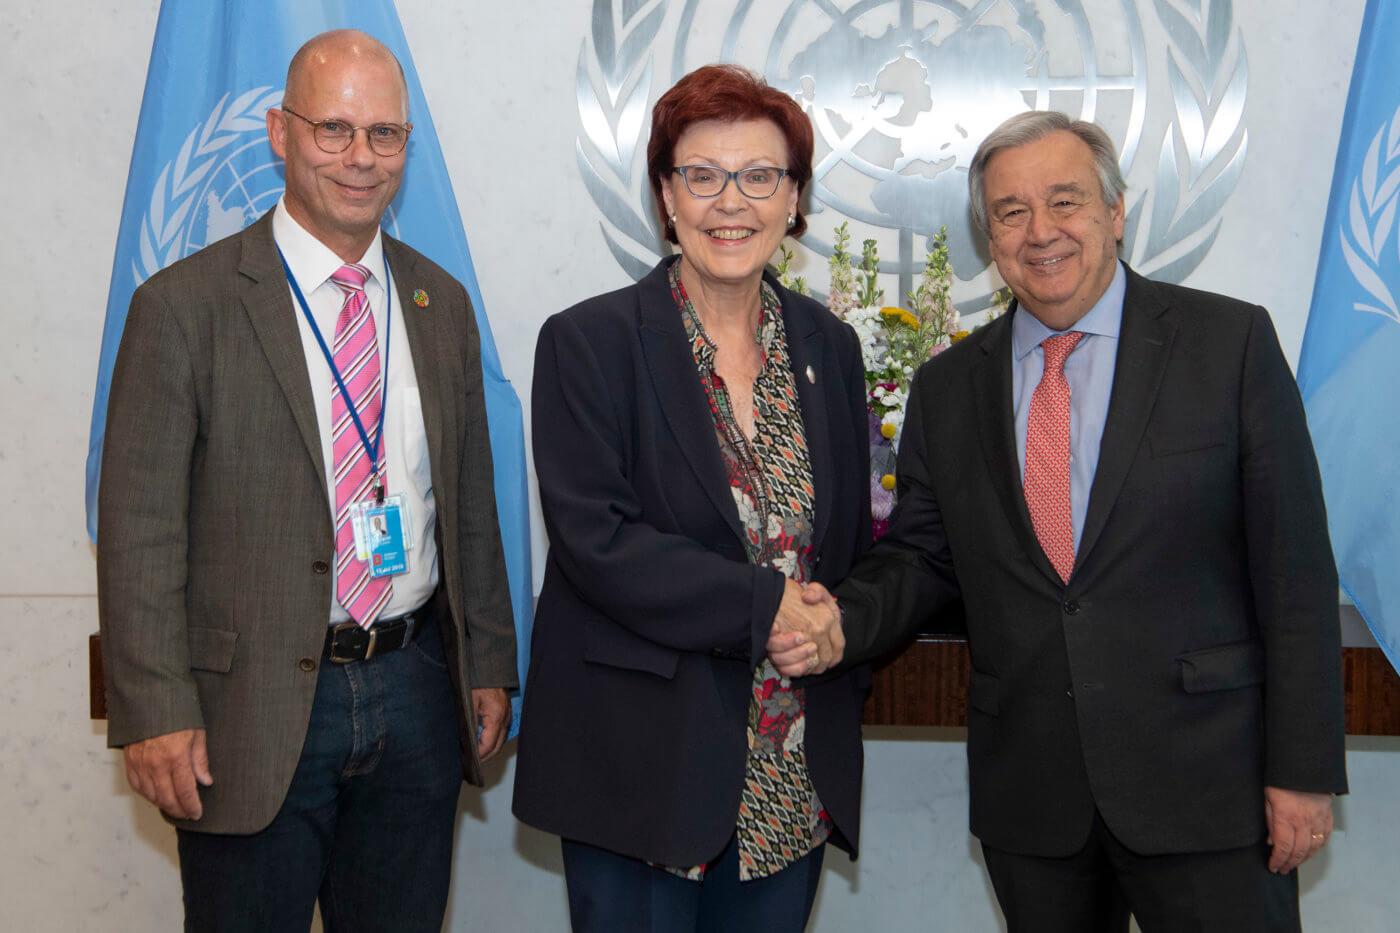 (von links nach rechts): RNE-Generalssekretär Günther Bachmann und Bundesministerin a.D. Heidemarie Wieczorek-Zeul treffen UN-Generalsekretär Antonio Guterres in New York - © Foto: UN Photo/Eskinder Debebe